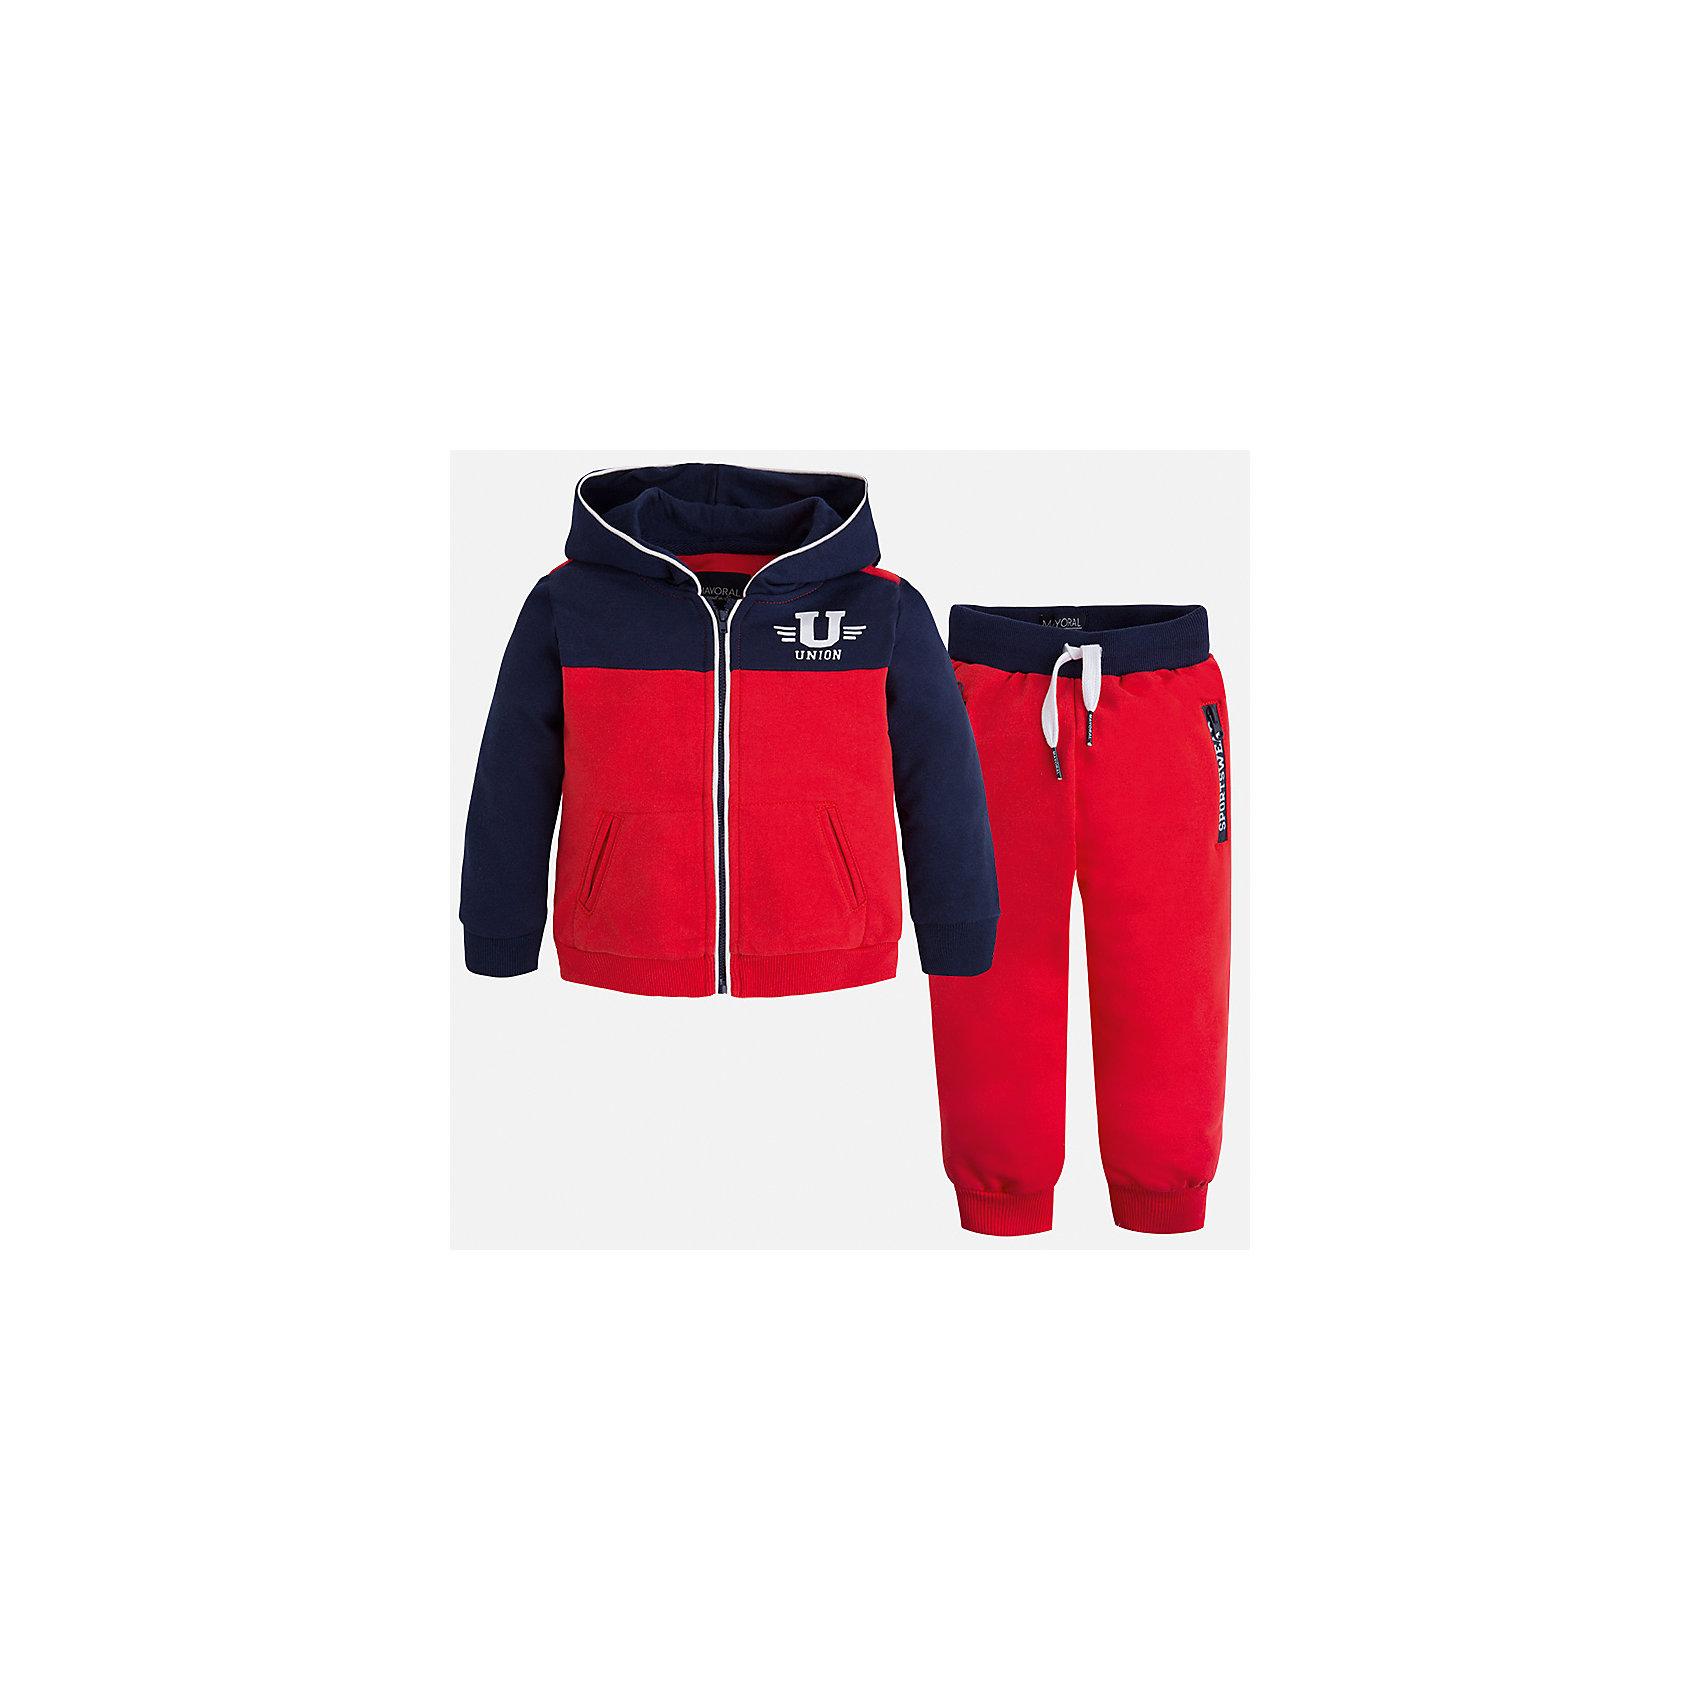 Спортивный костюм для мальчика MayoralХарактеристики товара:<br><br>• цвет: красный<br>• состав: 60% хлопок, 40% полиэстер<br>• комплектация: курточка, штаны<br>• куртка декорирована принтом<br>• карманы<br>• капюшон<br>• штаны - пояс на шнурке<br>• манжеты<br>• страна бренда: Испания<br><br>Стильный качественный спортивный костюм для мальчика поможет разнообразить гардероб ребенка и удобно одеться. Курточка и штаны отлично сочетаются с другими предметами. Универсальный цвет позволяет подобрать к вещам верхнюю одежду практически любой расцветки. Интересная отделка модели делает её нарядной и оригинальной. В составе материала - натуральный хлопок, гипоаллергенный, приятный на ощупь, дышащий.<br><br>Одежда, обувь и аксессуары от испанского бренда Mayoral полюбились детям и взрослым по всему миру. Модели этой марки - стильные и удобные. Для их производства используются только безопасные, качественные материалы и фурнитура. Порадуйте ребенка модными и красивыми вещами от Mayoral! <br><br>Спортивный костюм для мальчика от испанского бренда Mayoral (Майорал) можно купить в нашем интернет-магазине.<br><br>Ширина мм: 247<br>Глубина мм: 16<br>Высота мм: 140<br>Вес г: 225<br>Цвет: красный<br>Возраст от месяцев: 96<br>Возраст до месяцев: 108<br>Пол: Мужской<br>Возраст: Детский<br>Размер: 134,128,122,110,104,98,116,92<br>SKU: 5281180